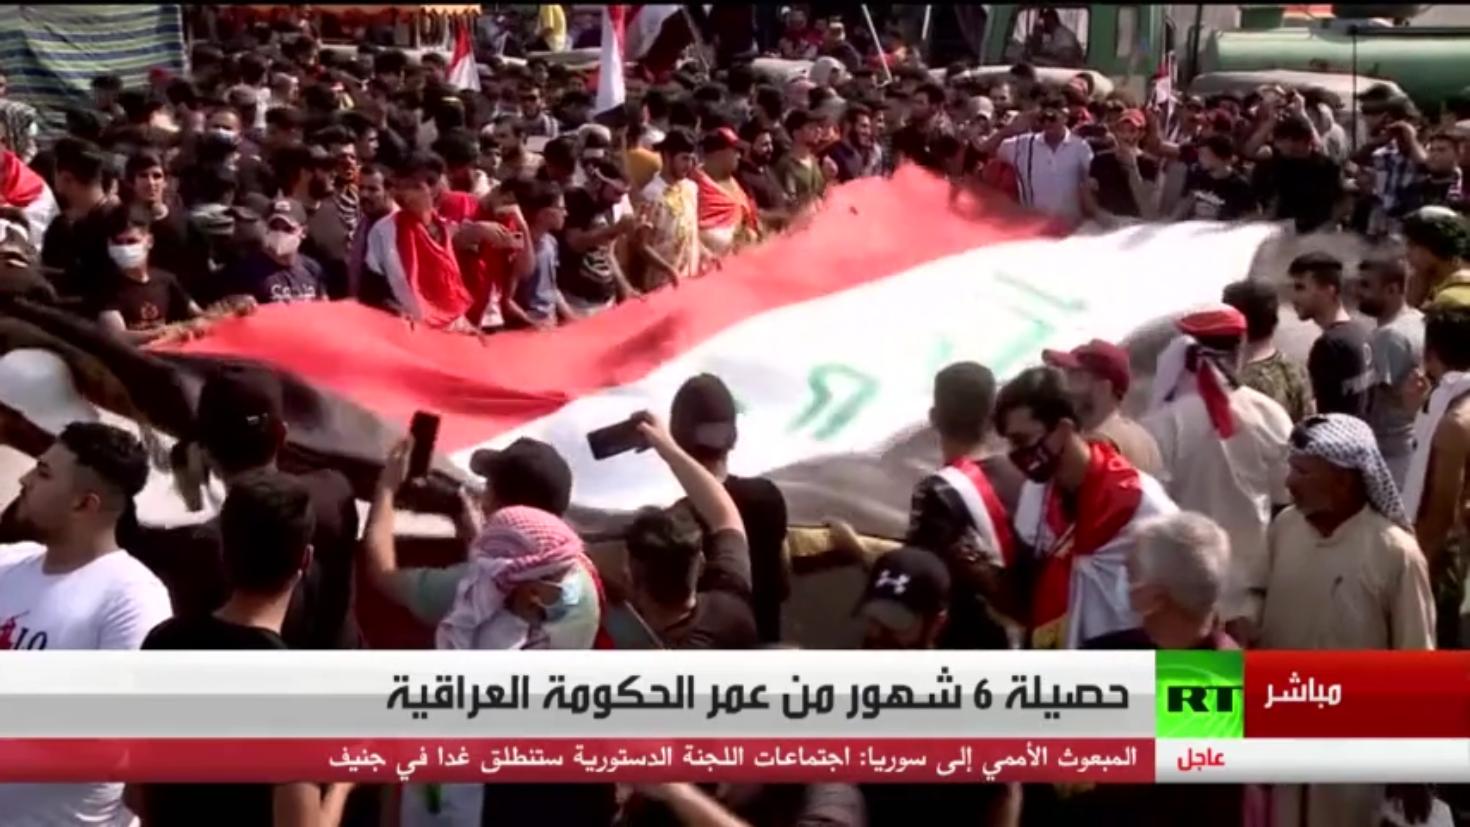 حصيلة 6 شهور من عمر الحكومة العراقية